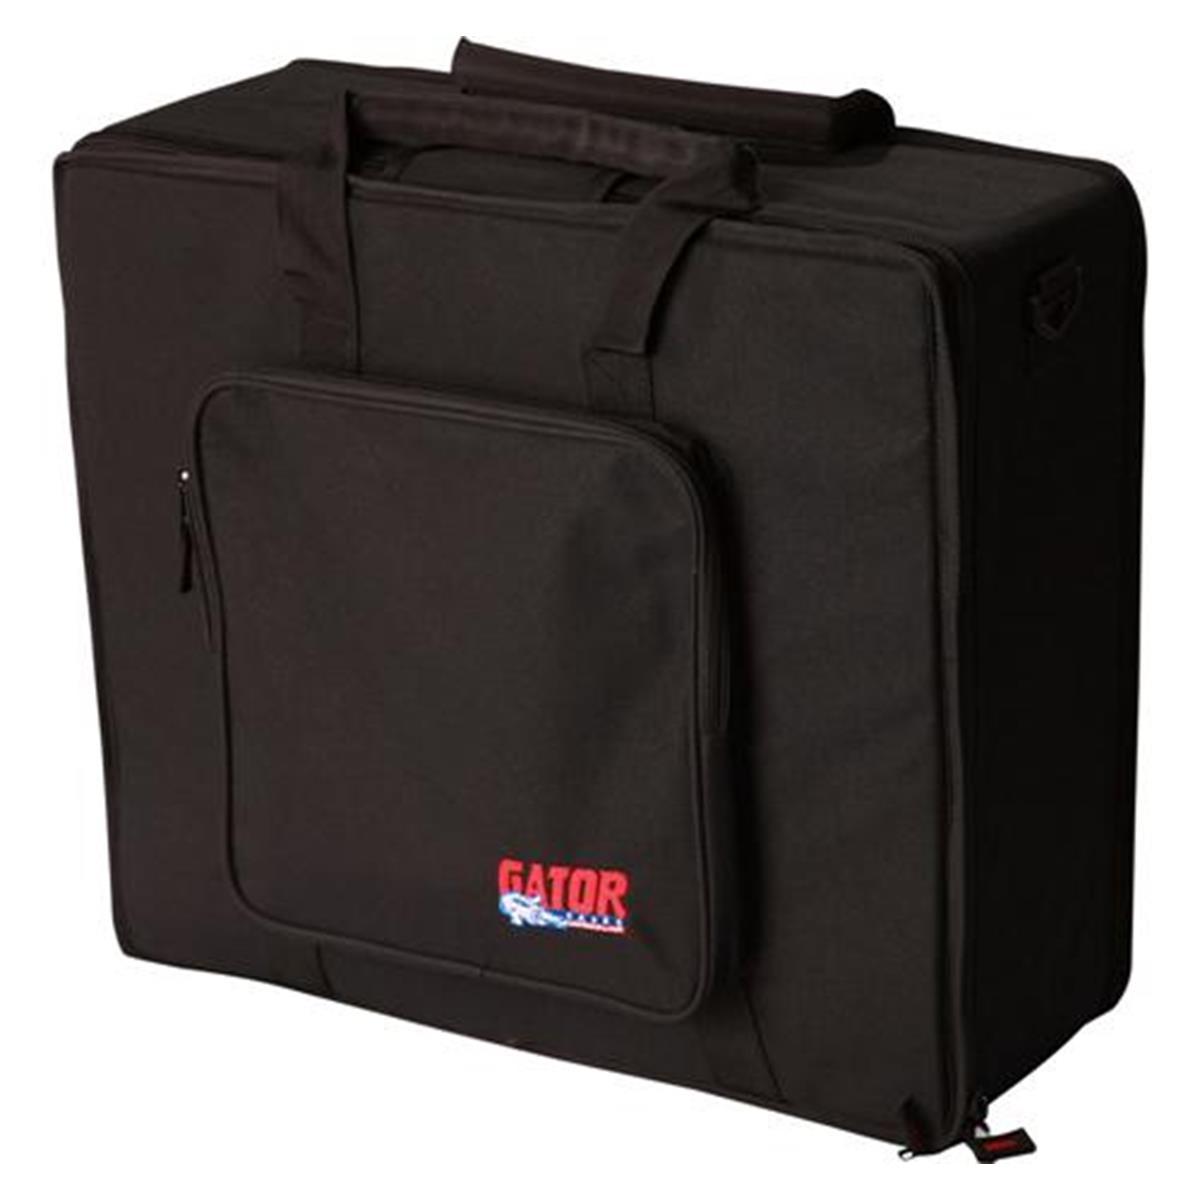 Gator-Cases-G-MIX-L-1622-astuccio-light-ultra-sottile-per-mixer-sku-2757727418026